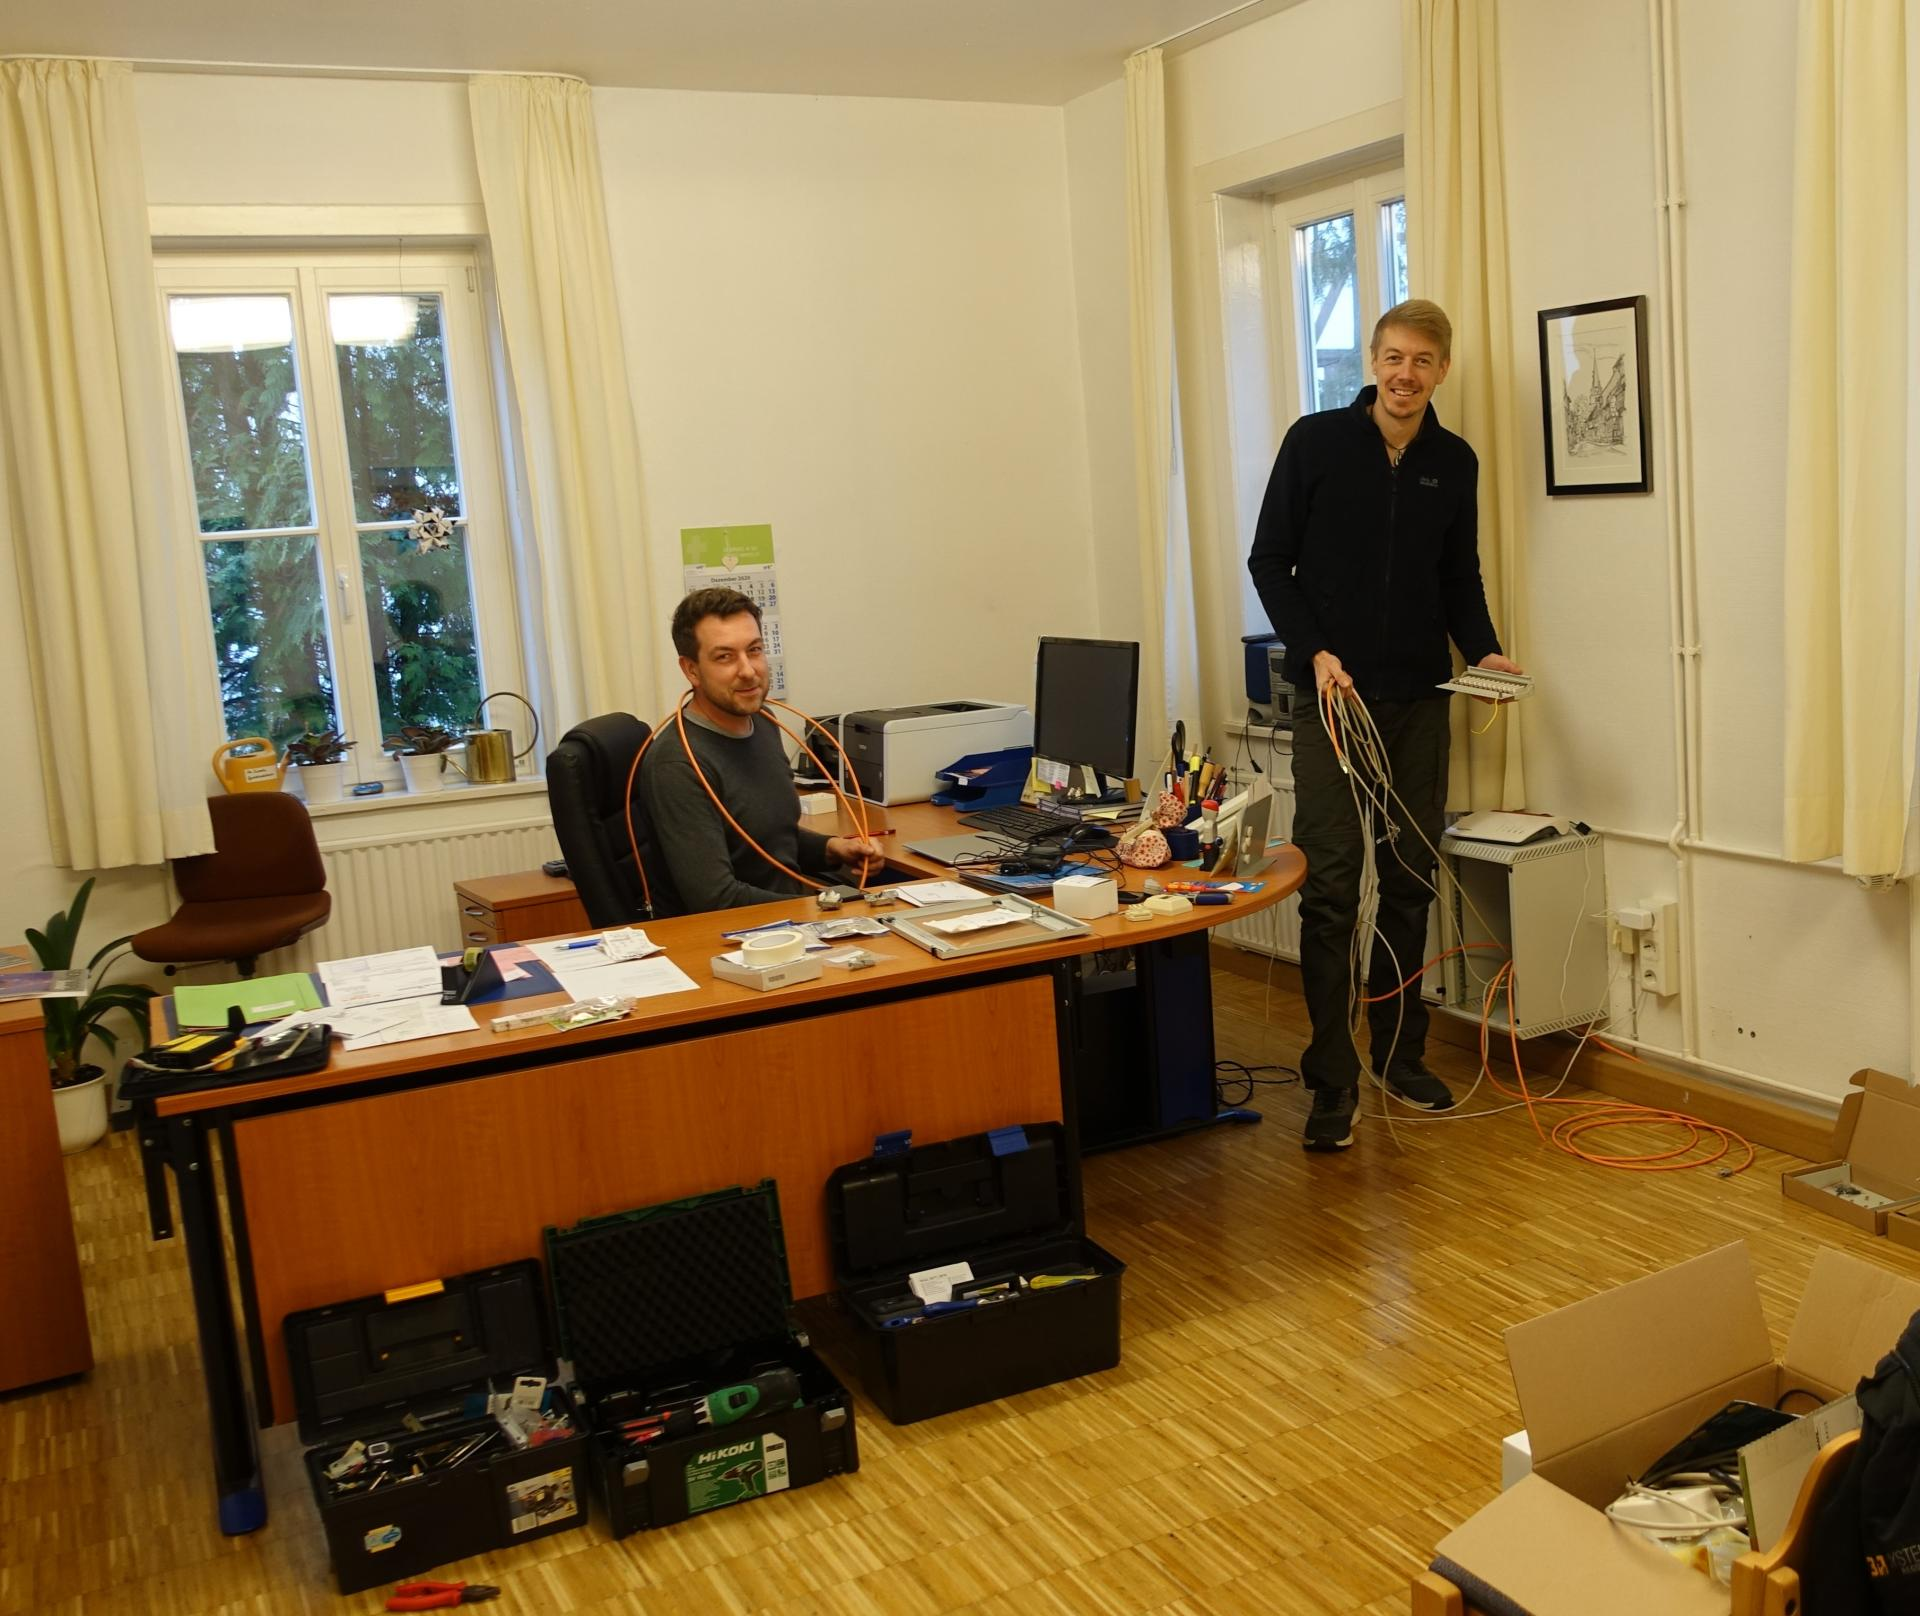 Timo Wiegreffe mit Benjamin Dippel, die im Gemeindebüro die Verkabelung per LAN/WLAN in den Kirchenraum aufrüsten.